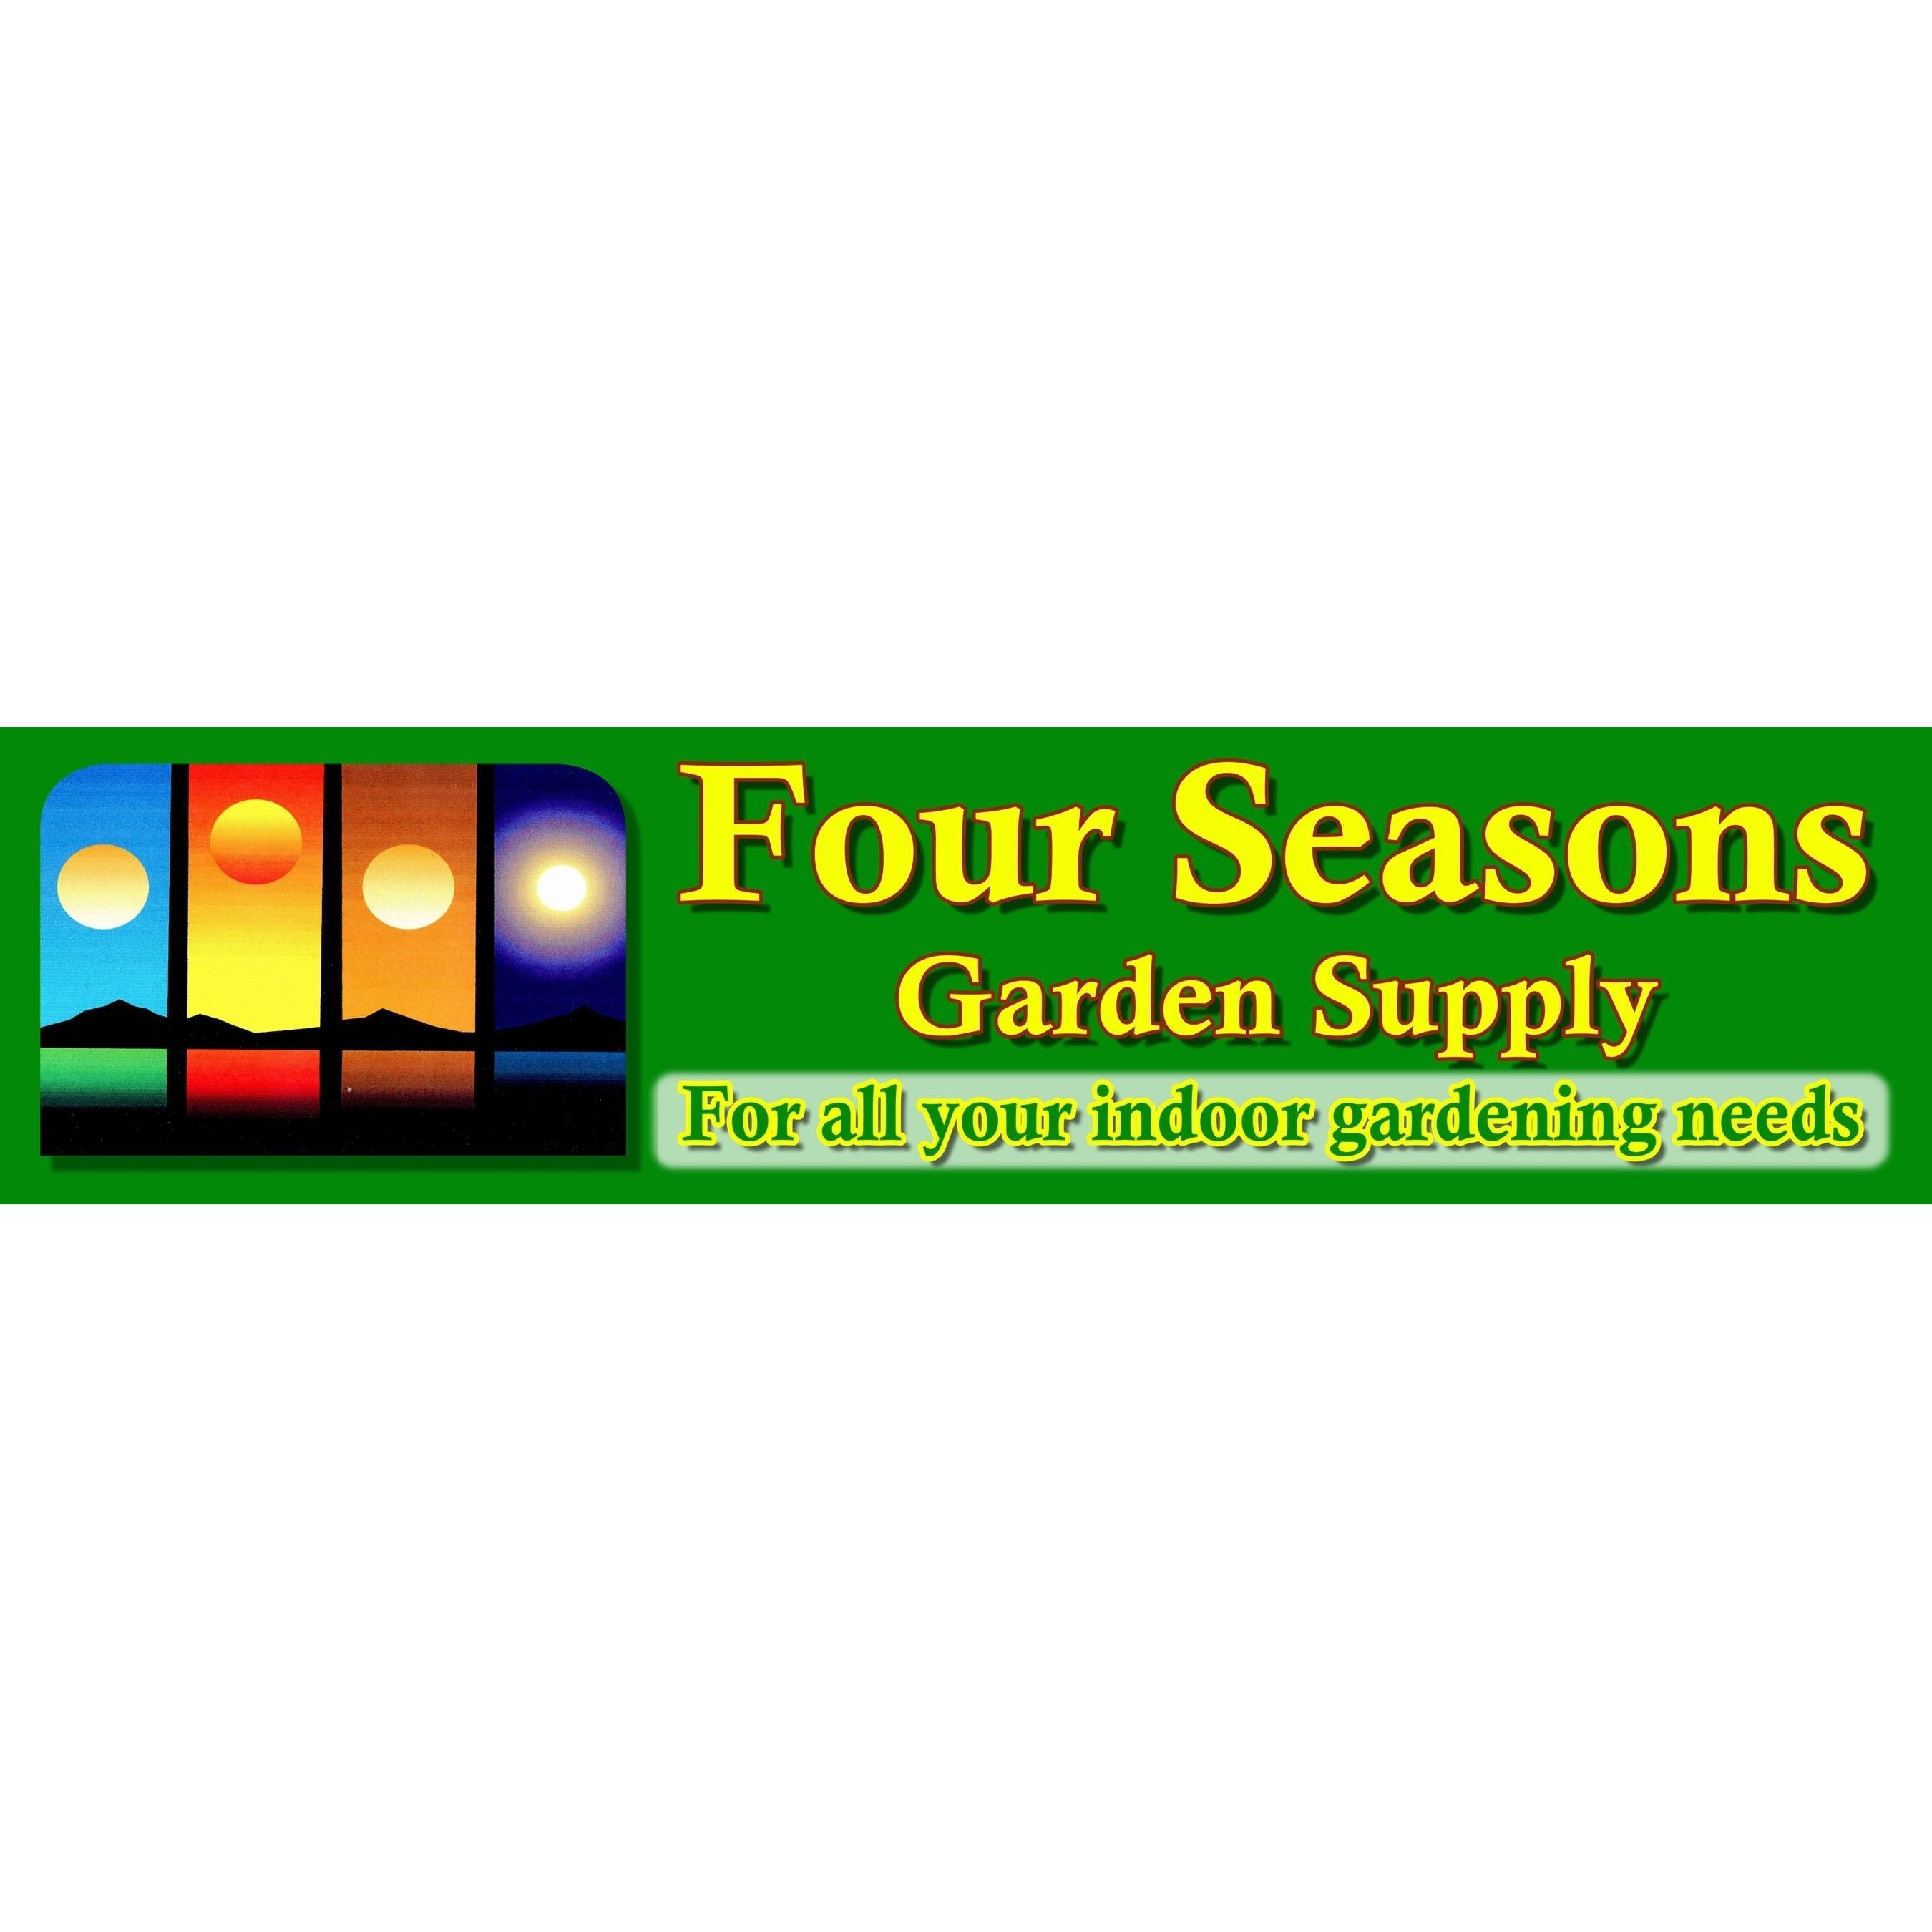 Four Seasons Garden Supply